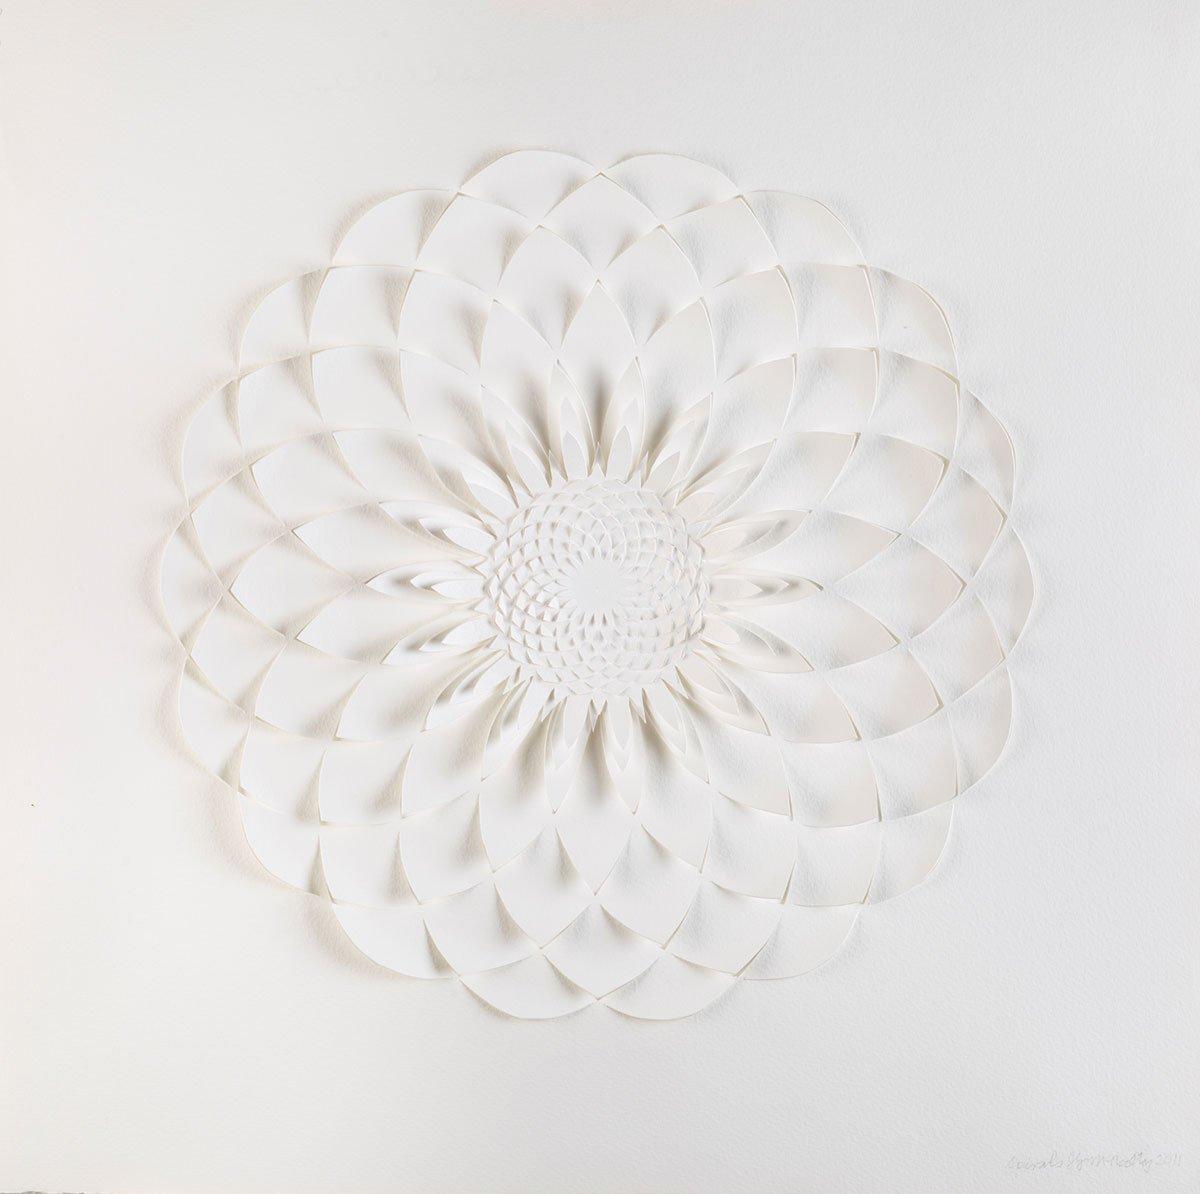 08_Spirals (F2)